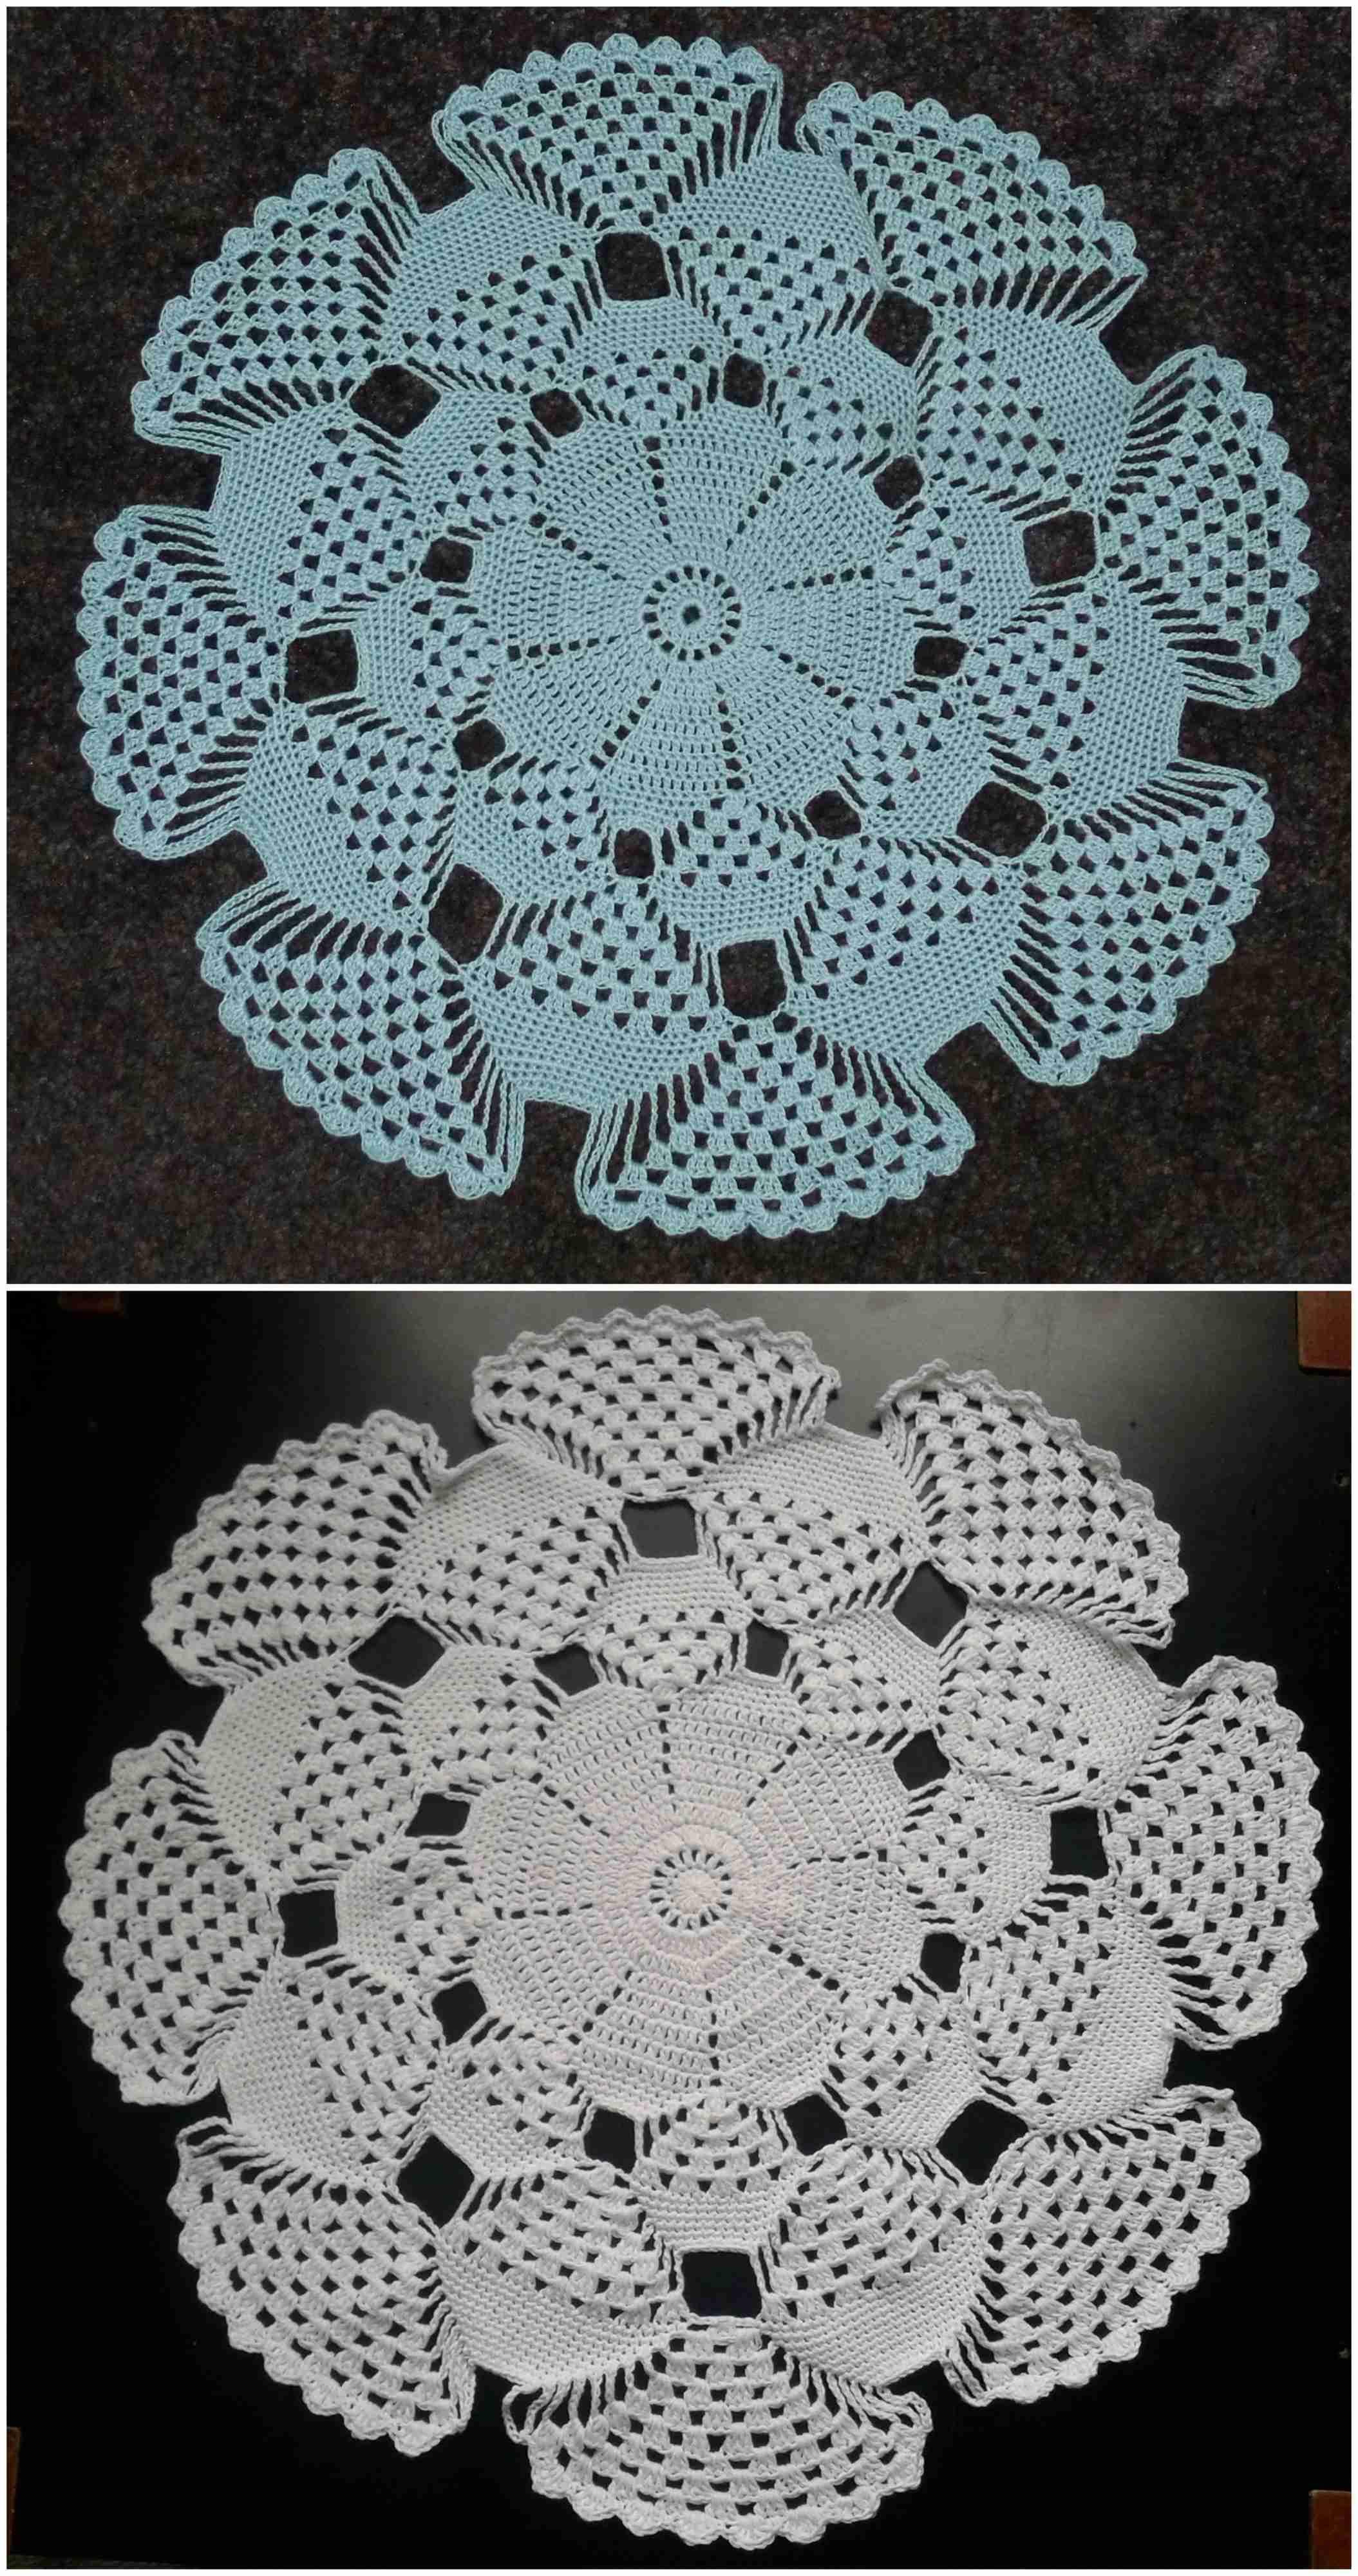 Crochet 3d Doily Craft Ideas Crochet Doilies Crafts Crochet